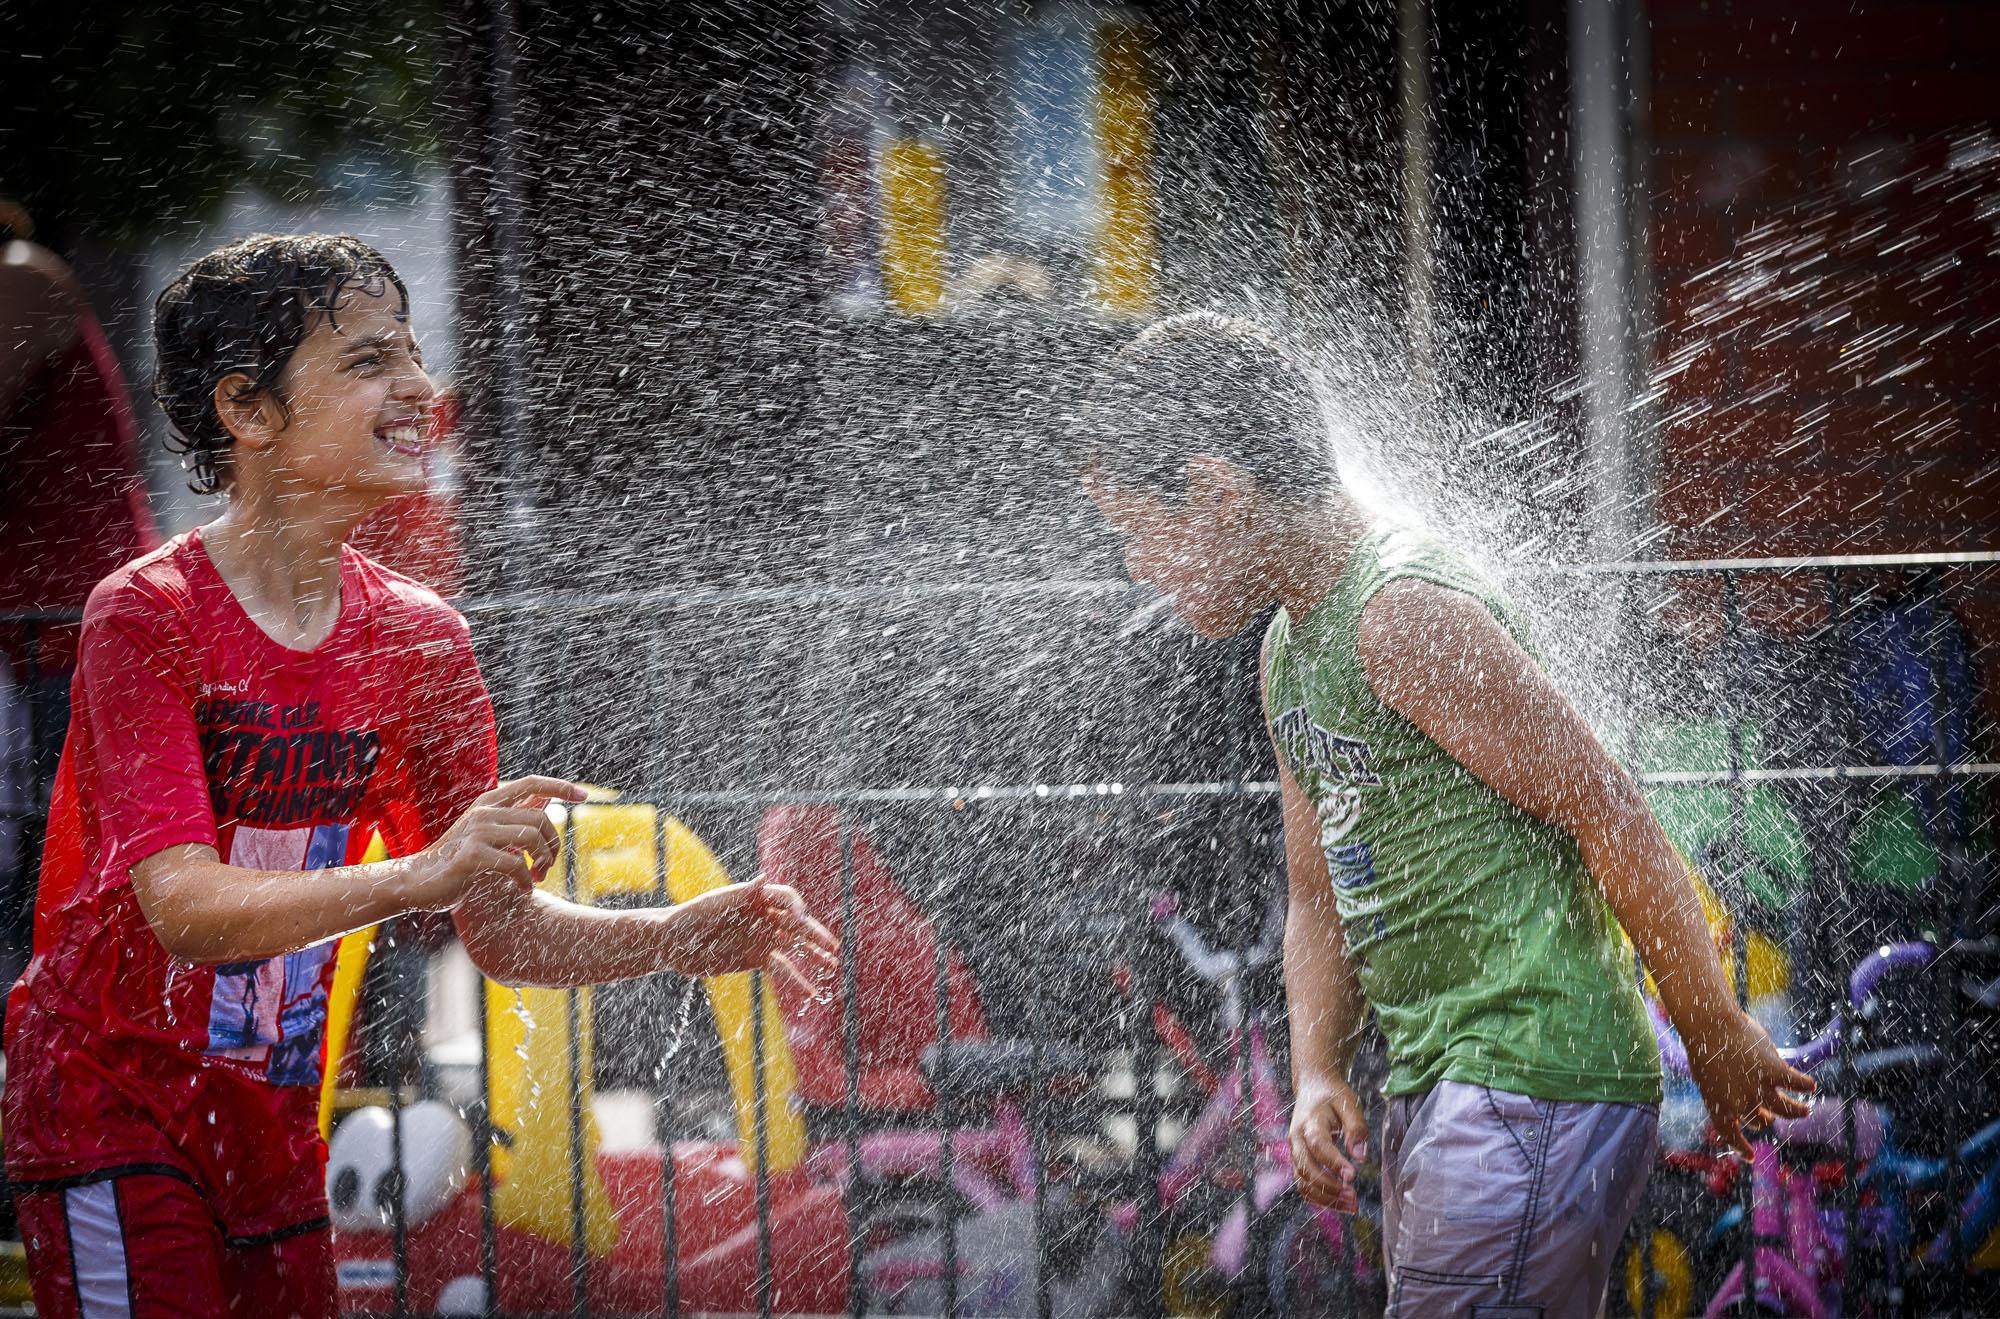 Een foto van twee jongens die buiten spelen en helemaal nat worden gespoten met water